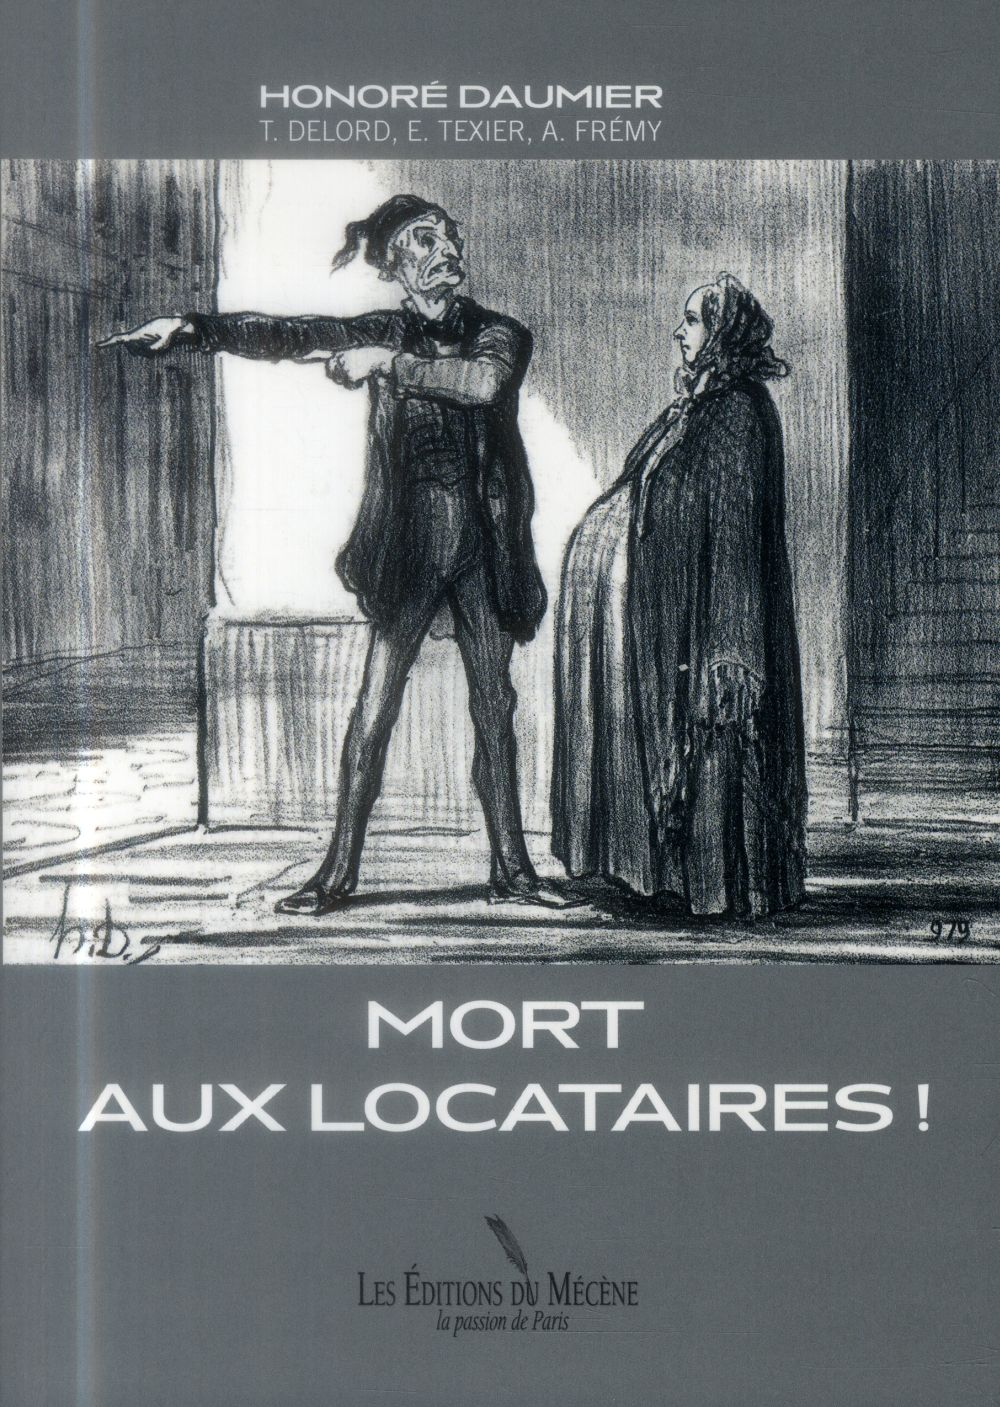 Mort aux locataires !